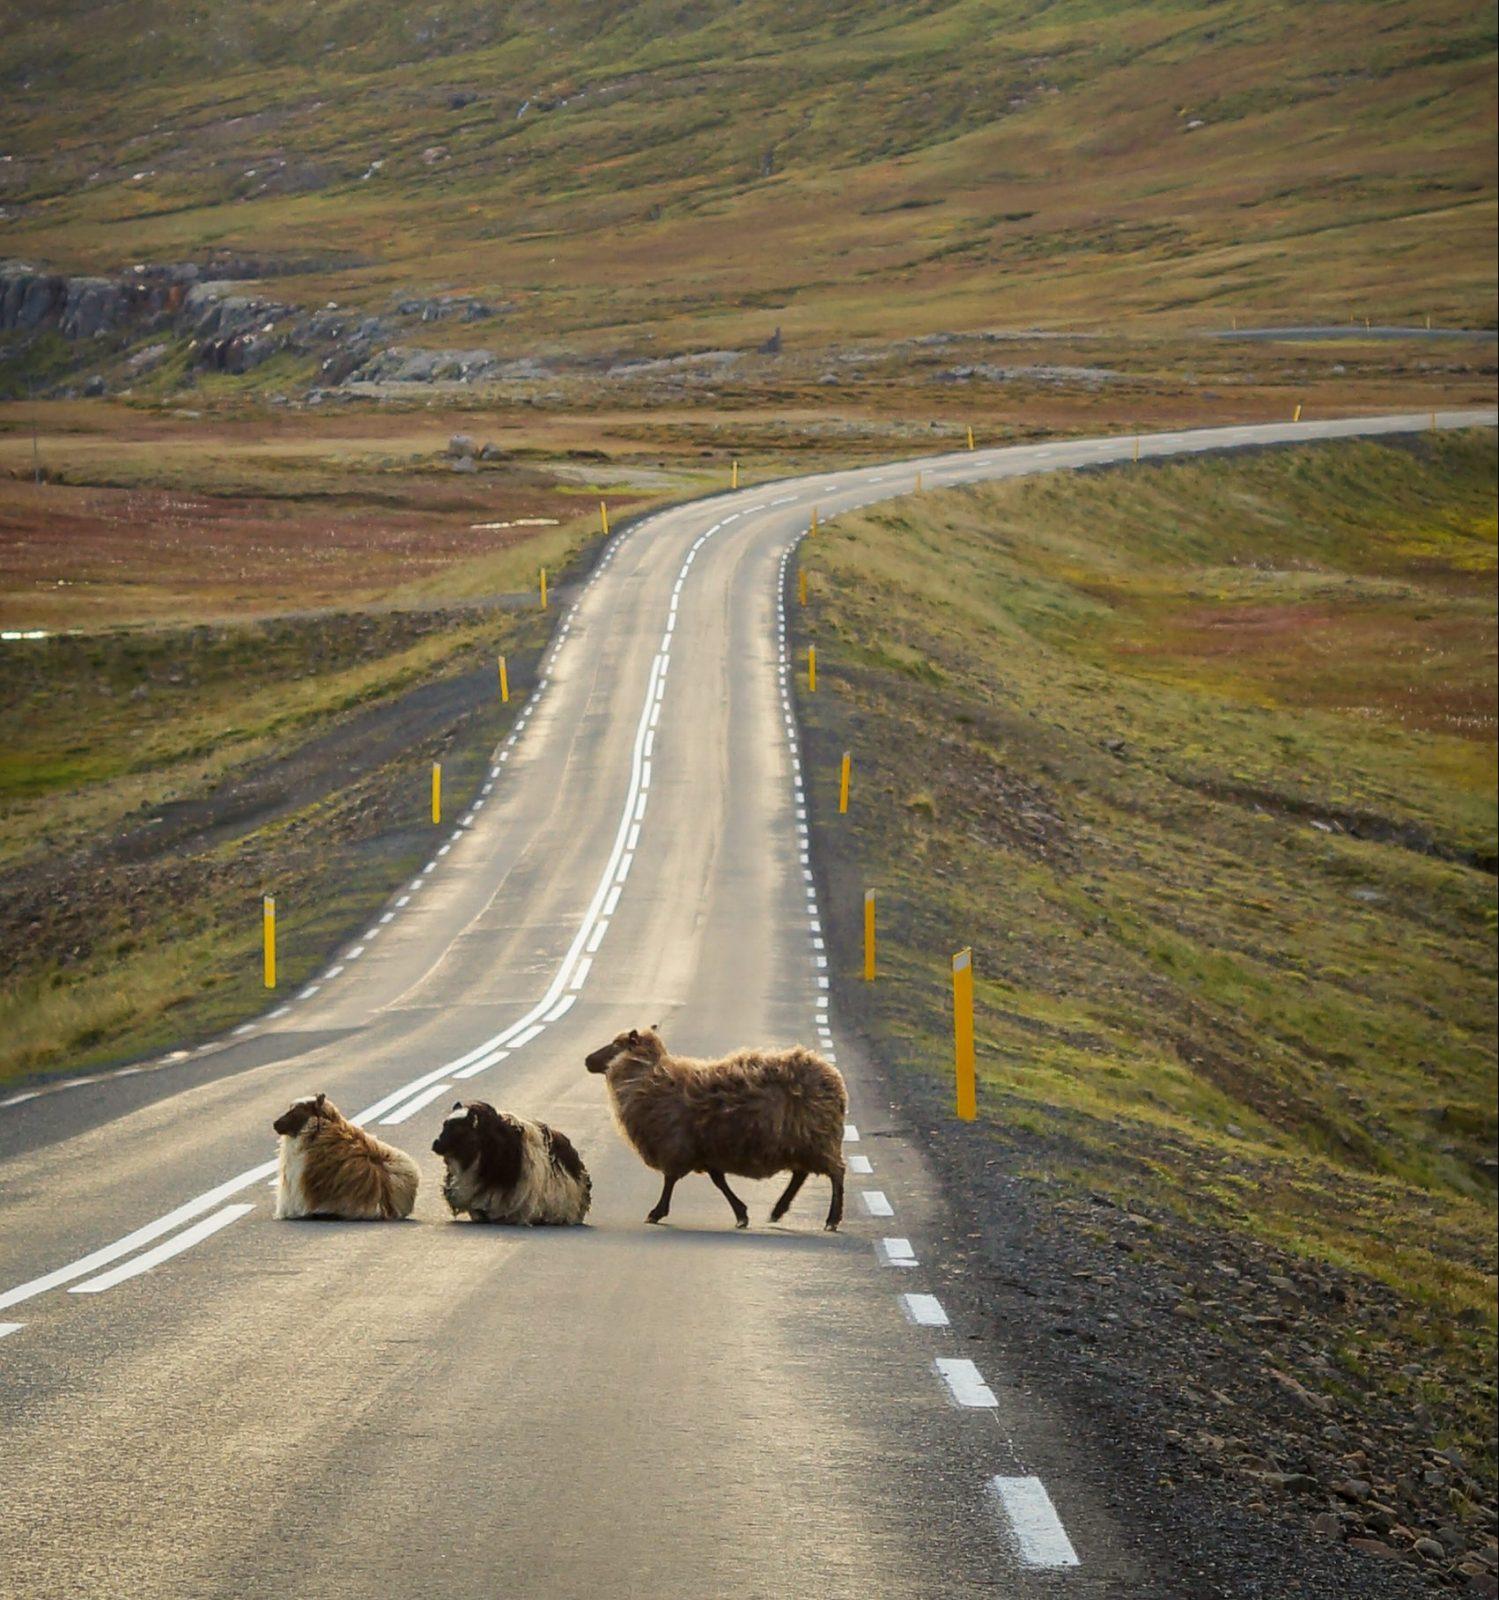 keuzestress-schapen-op-verlaten-weg